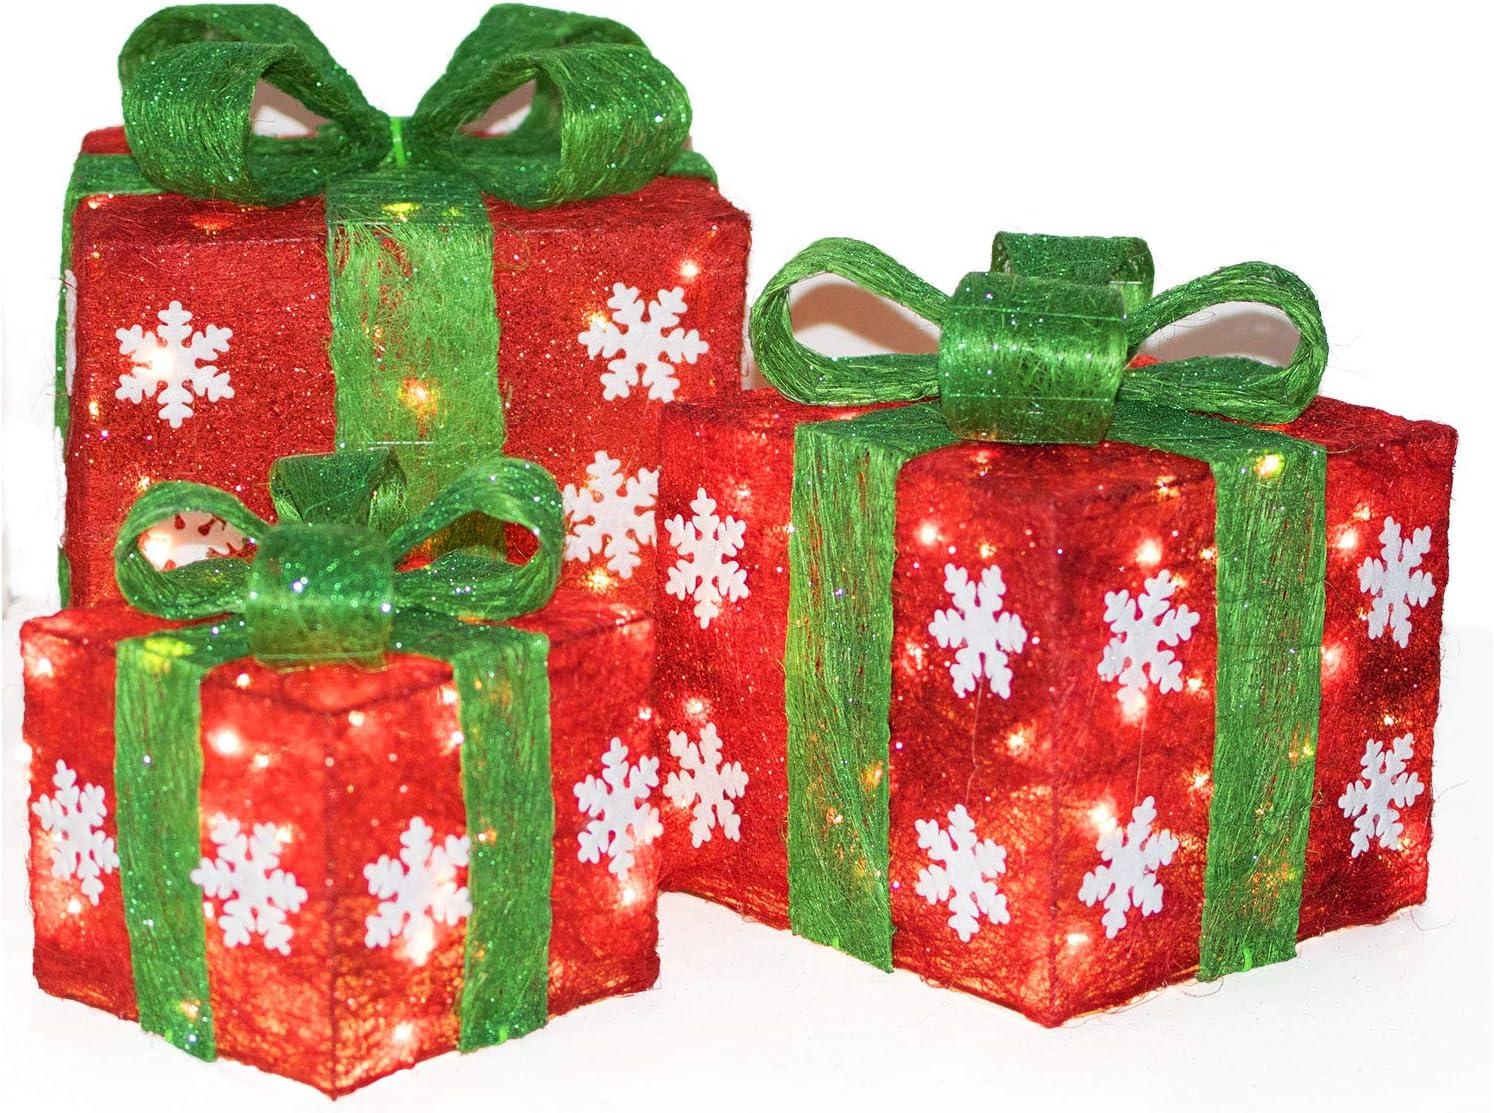 Peralng Caja de Regalo iluminada para decoración de Navidad, Cajas de Regalo pequeñas, Medianas y Grandes, decoración para el hogar o el Patio: Amazon.es: Hogar